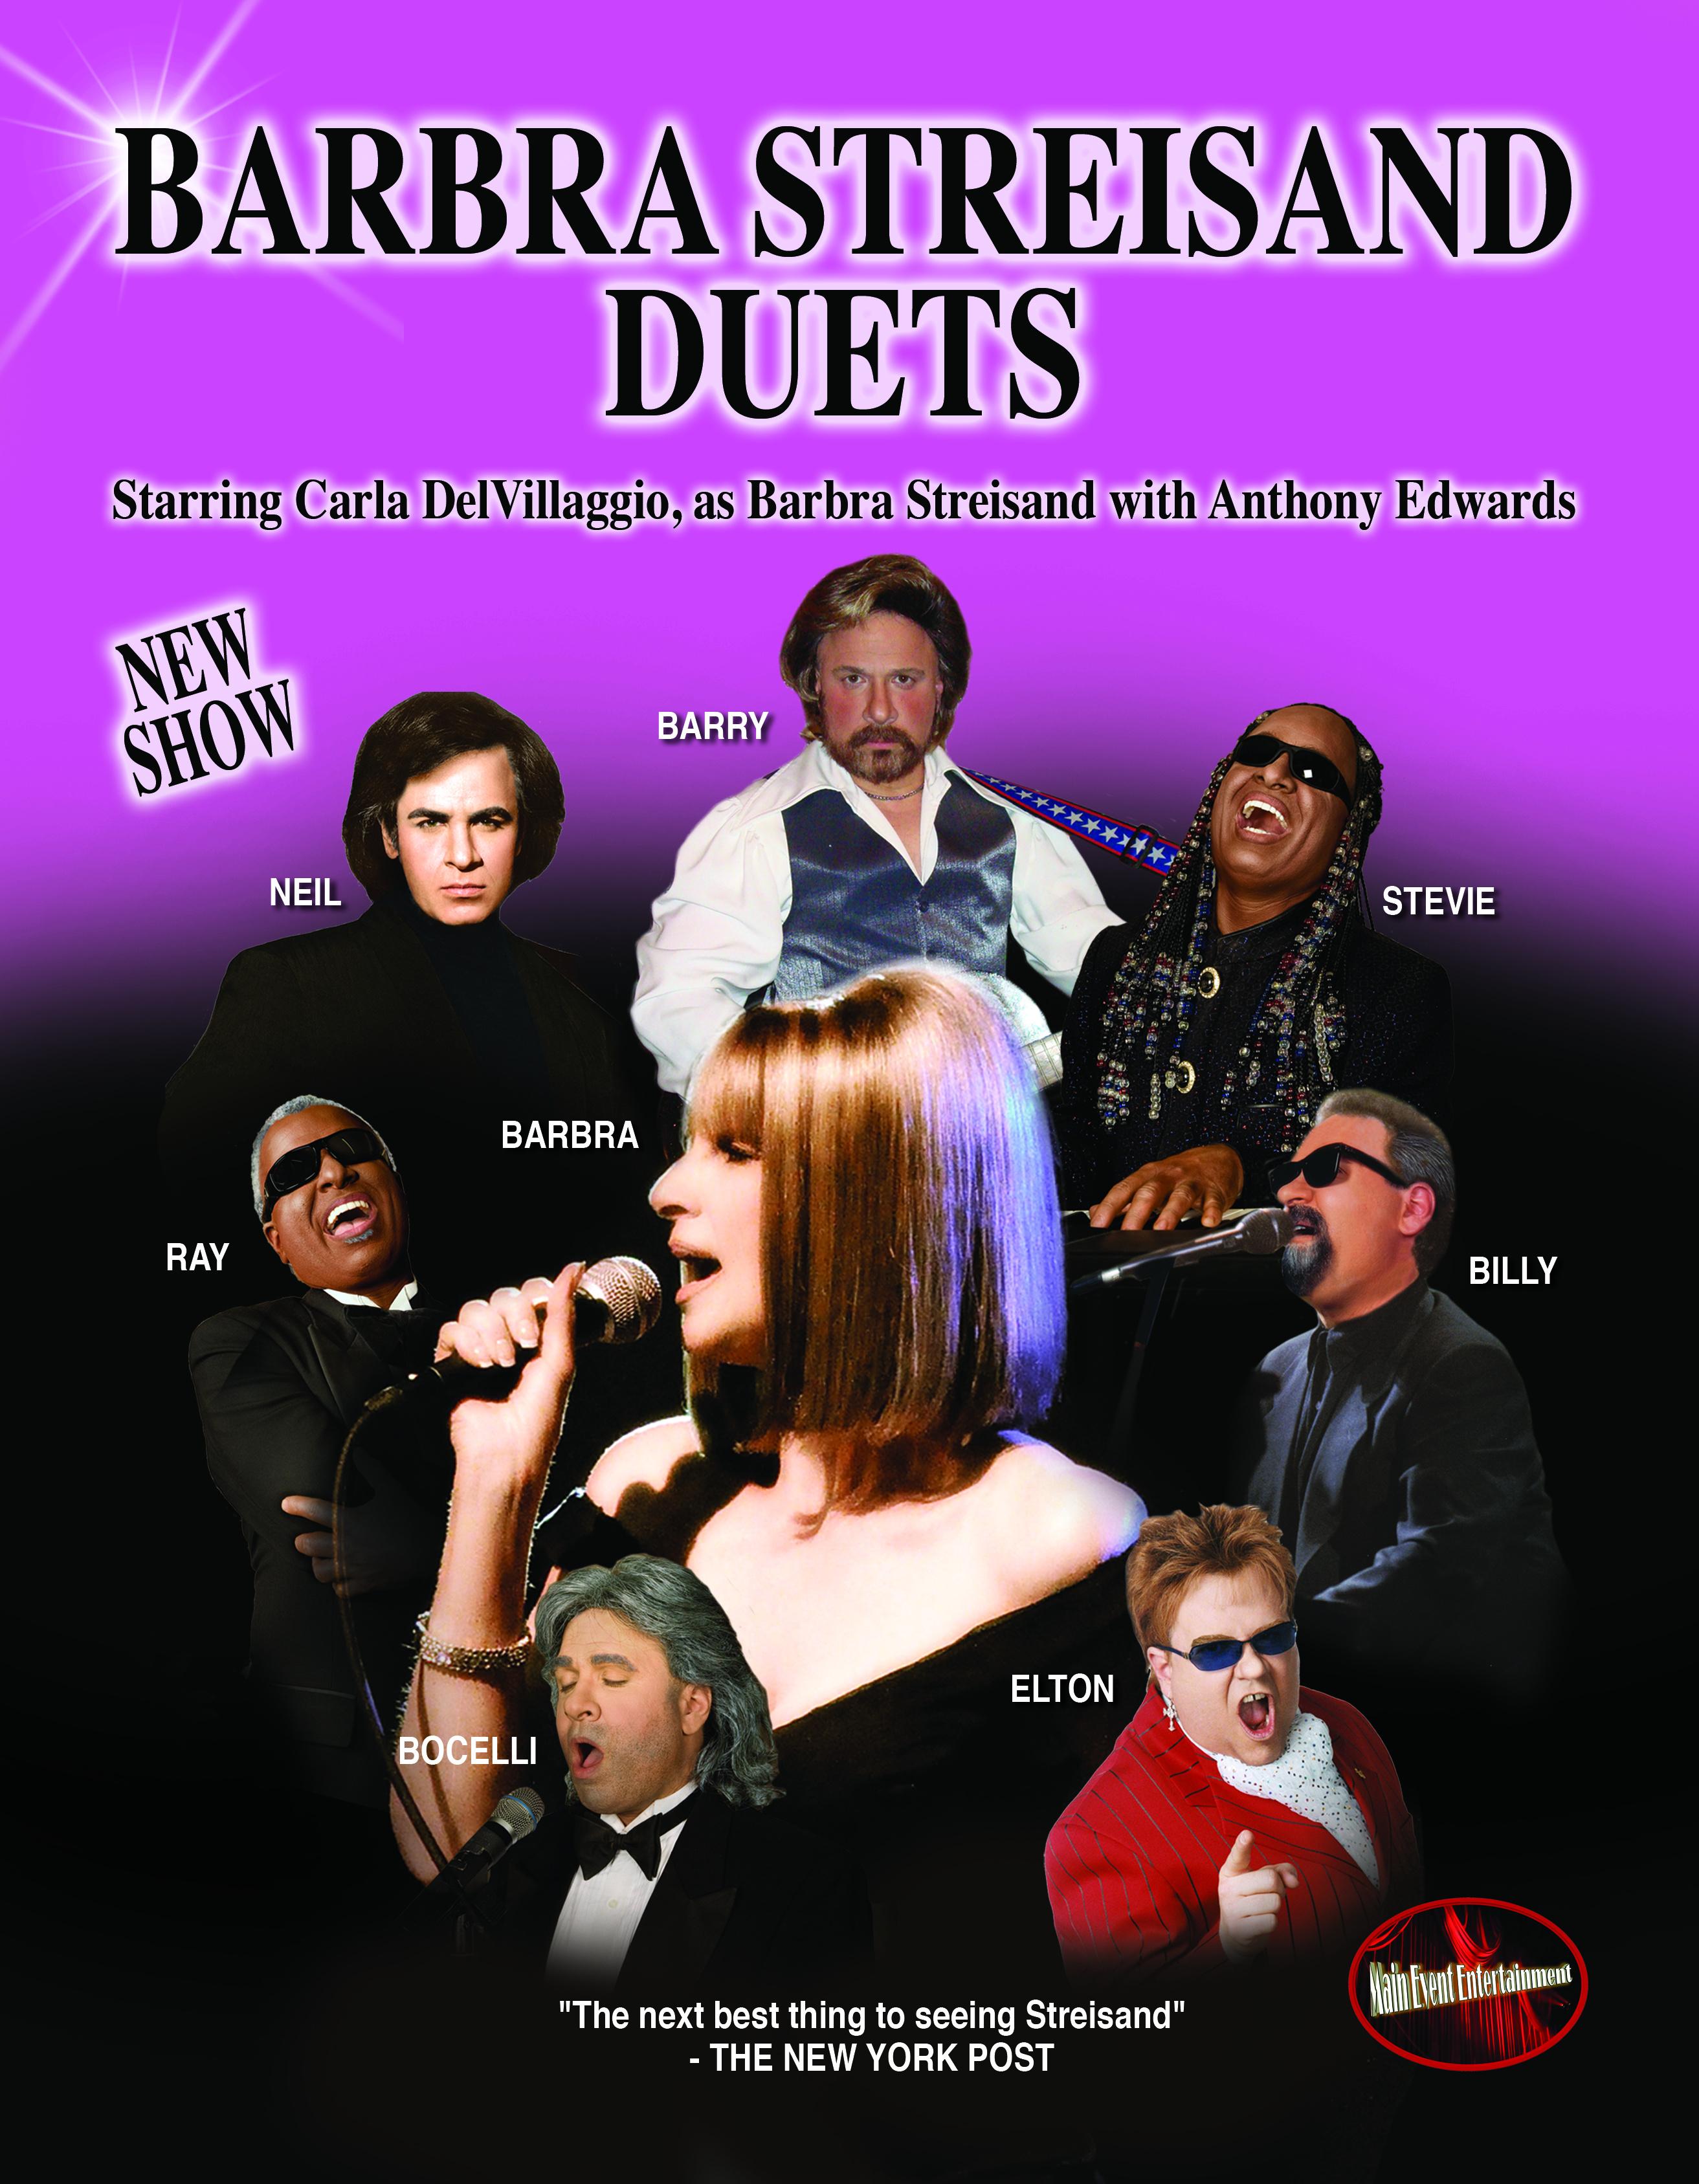 Barbra Streisand Duets V4